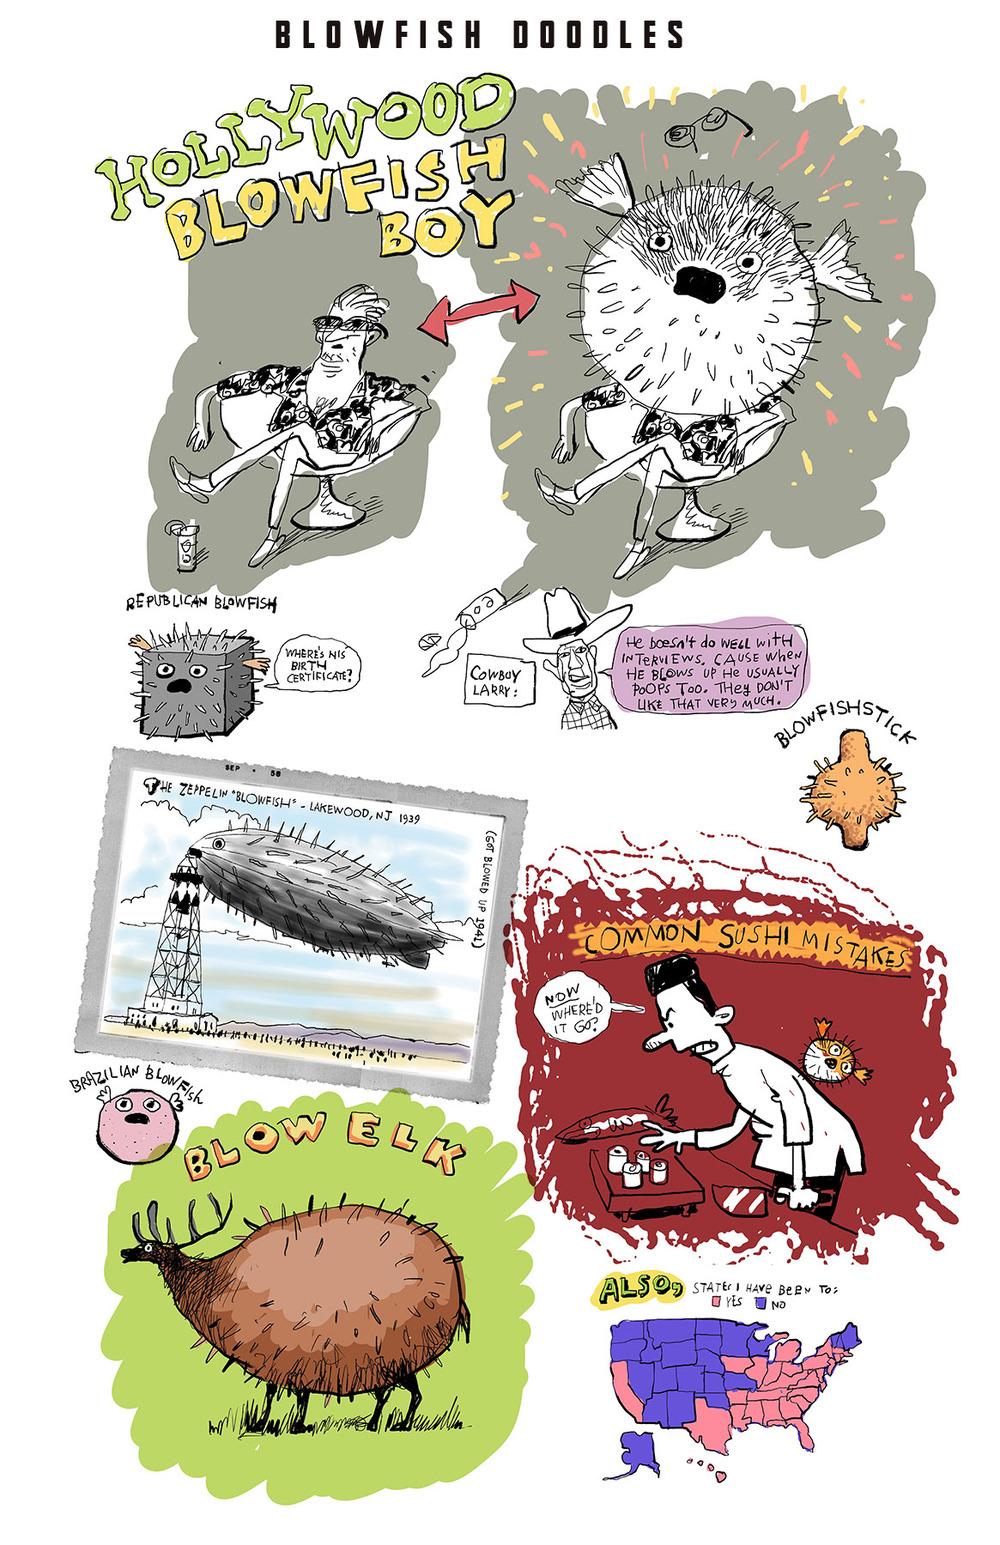 blowfish cartoon 012513.jpg